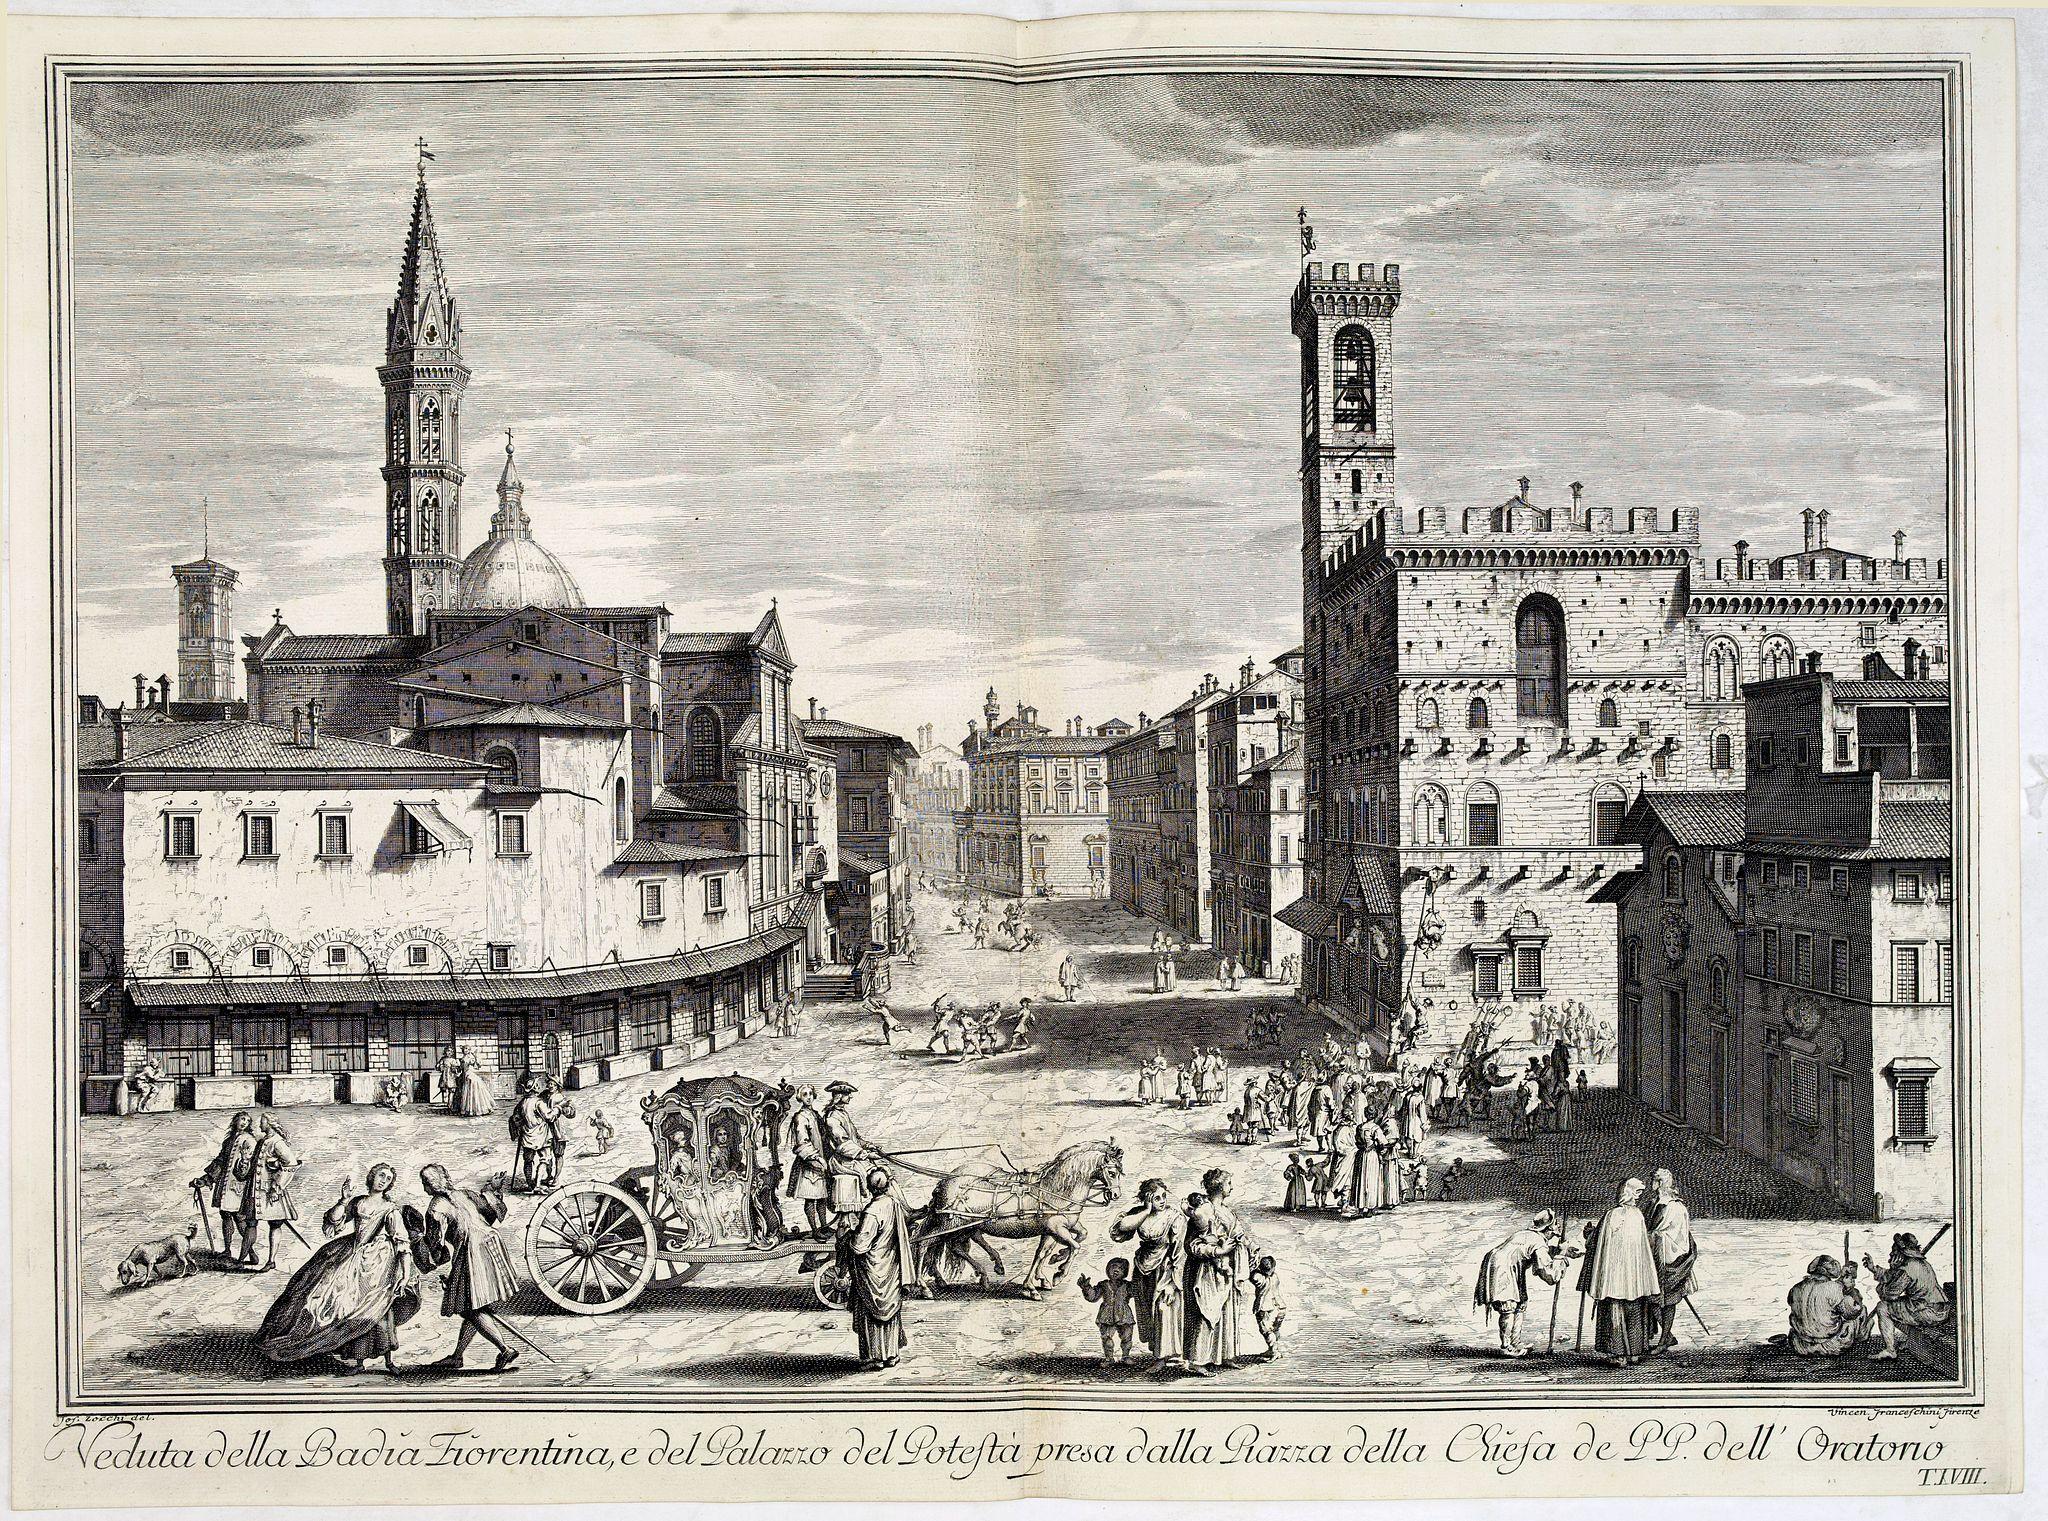 ZOCCHI, G. -  Veduta della Badia Fiorentina, e del Palazzo del Potestà presa dalla Piazza della Chiesa de' PP. dell'Oratorio.